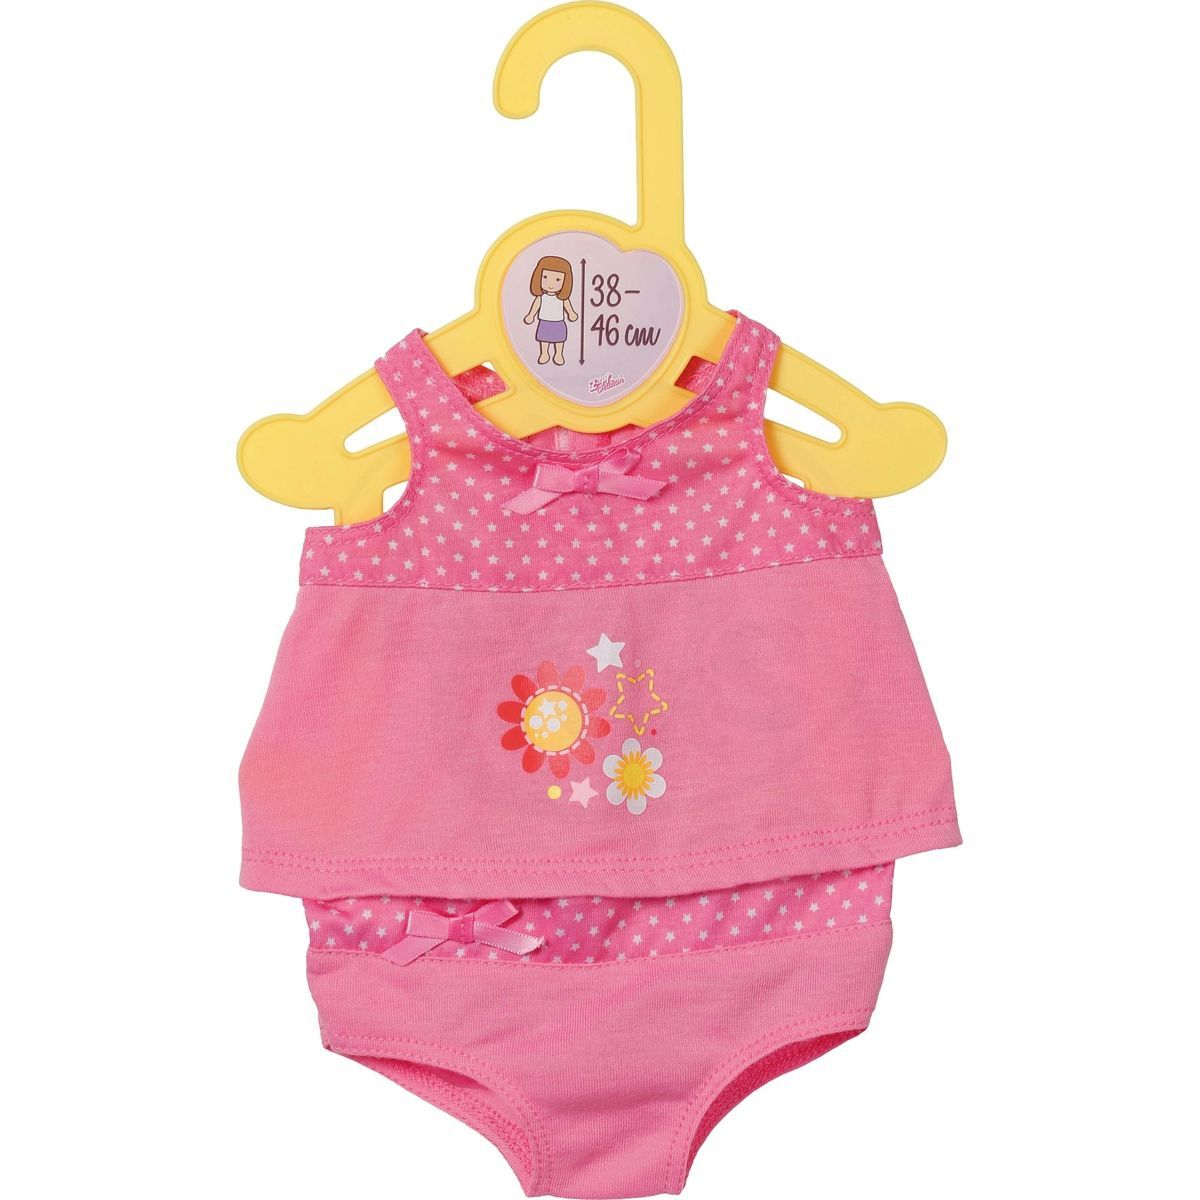 Zapf Dolly Moda Spodní prádlo 38-46cm, 2 druhy